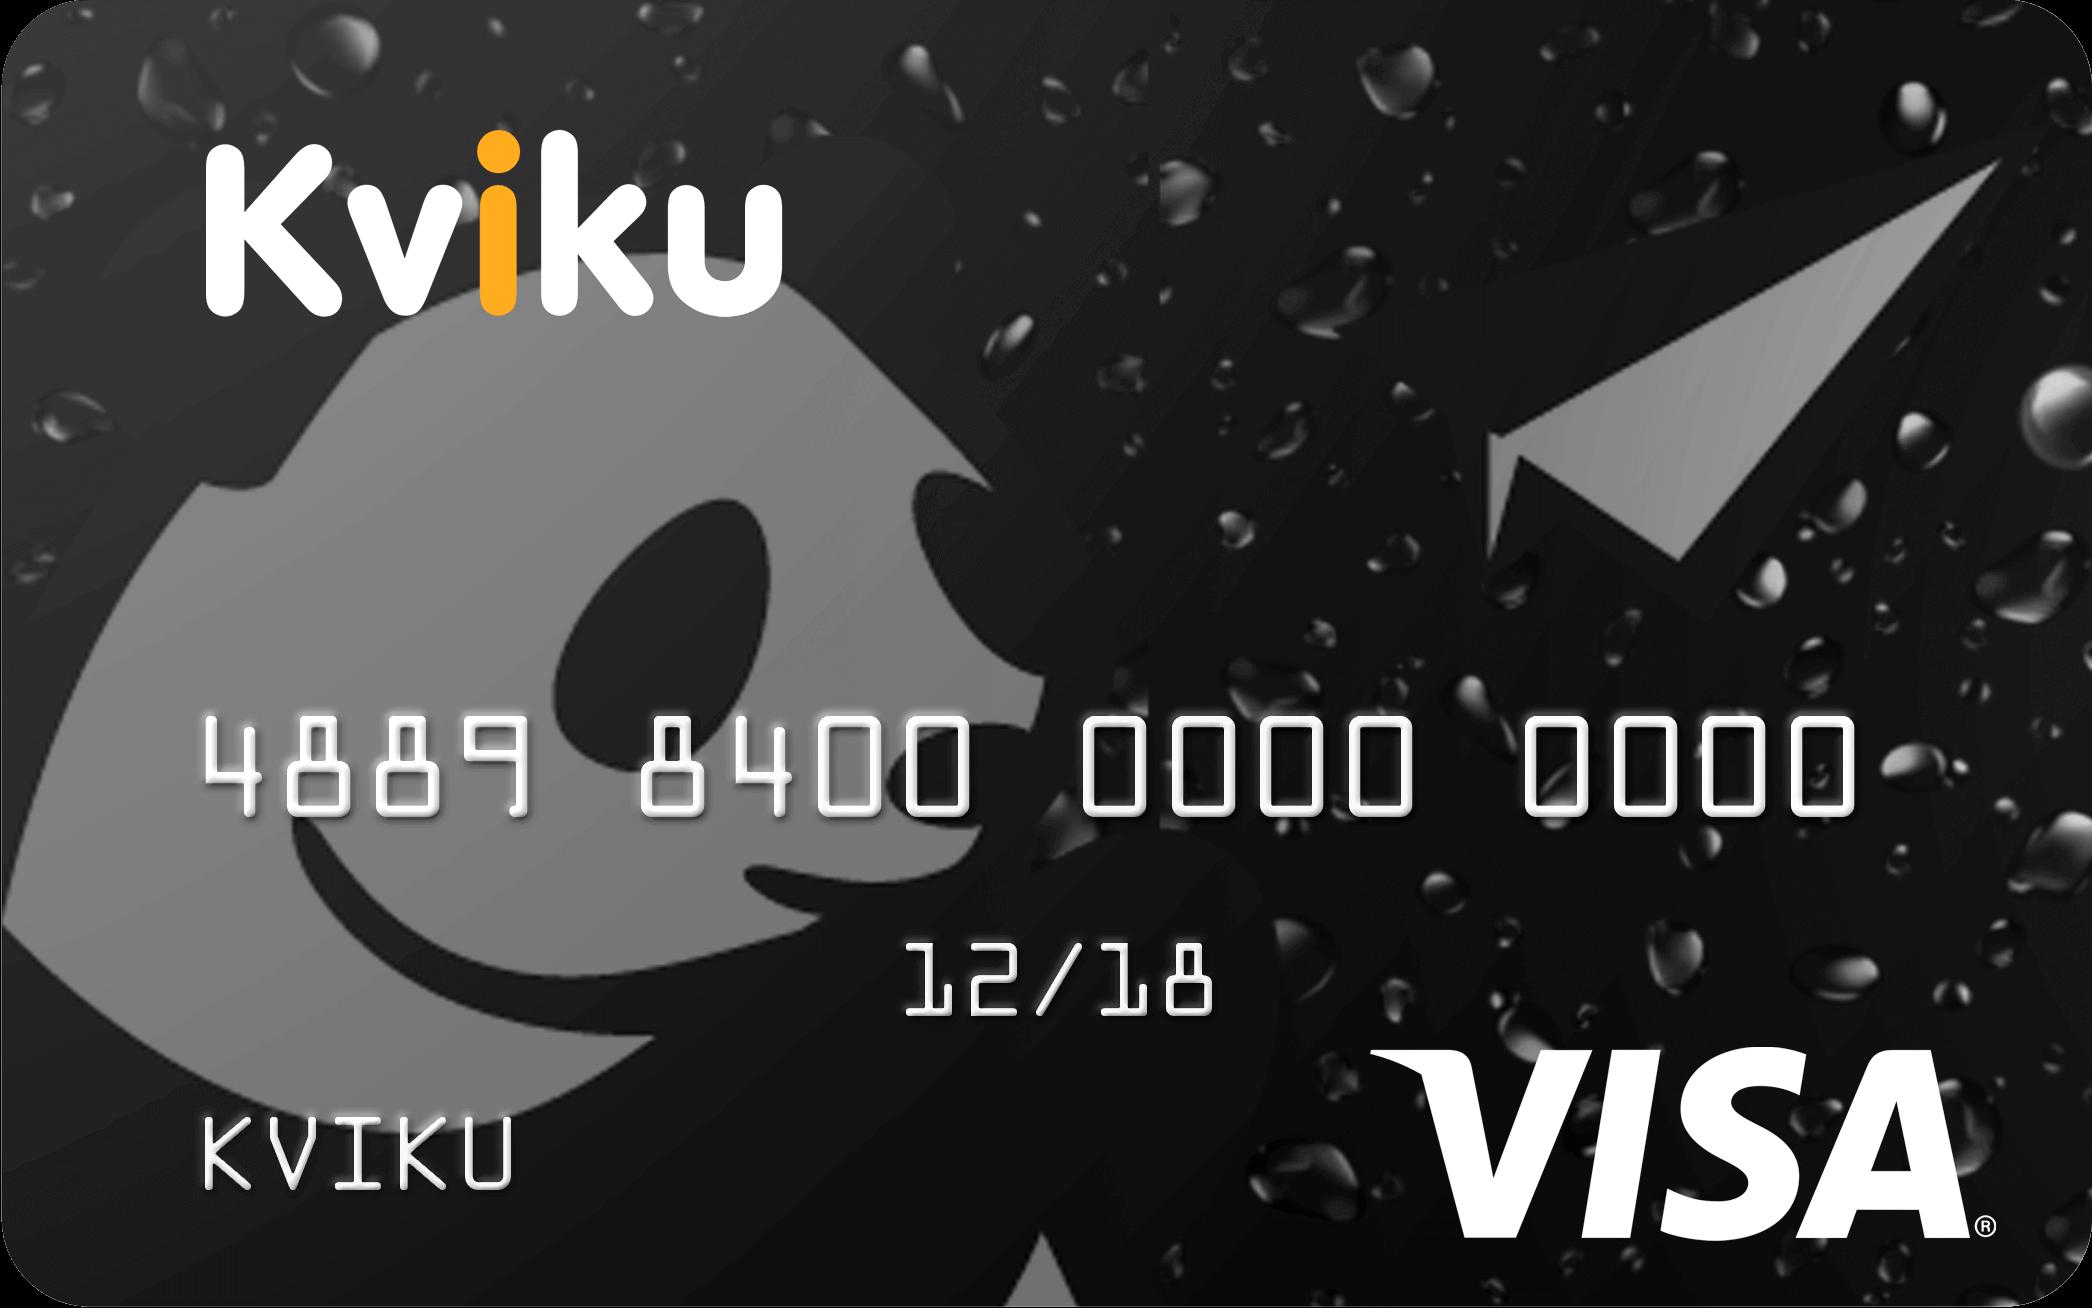 оформить кредитную карту без отказа через интернет